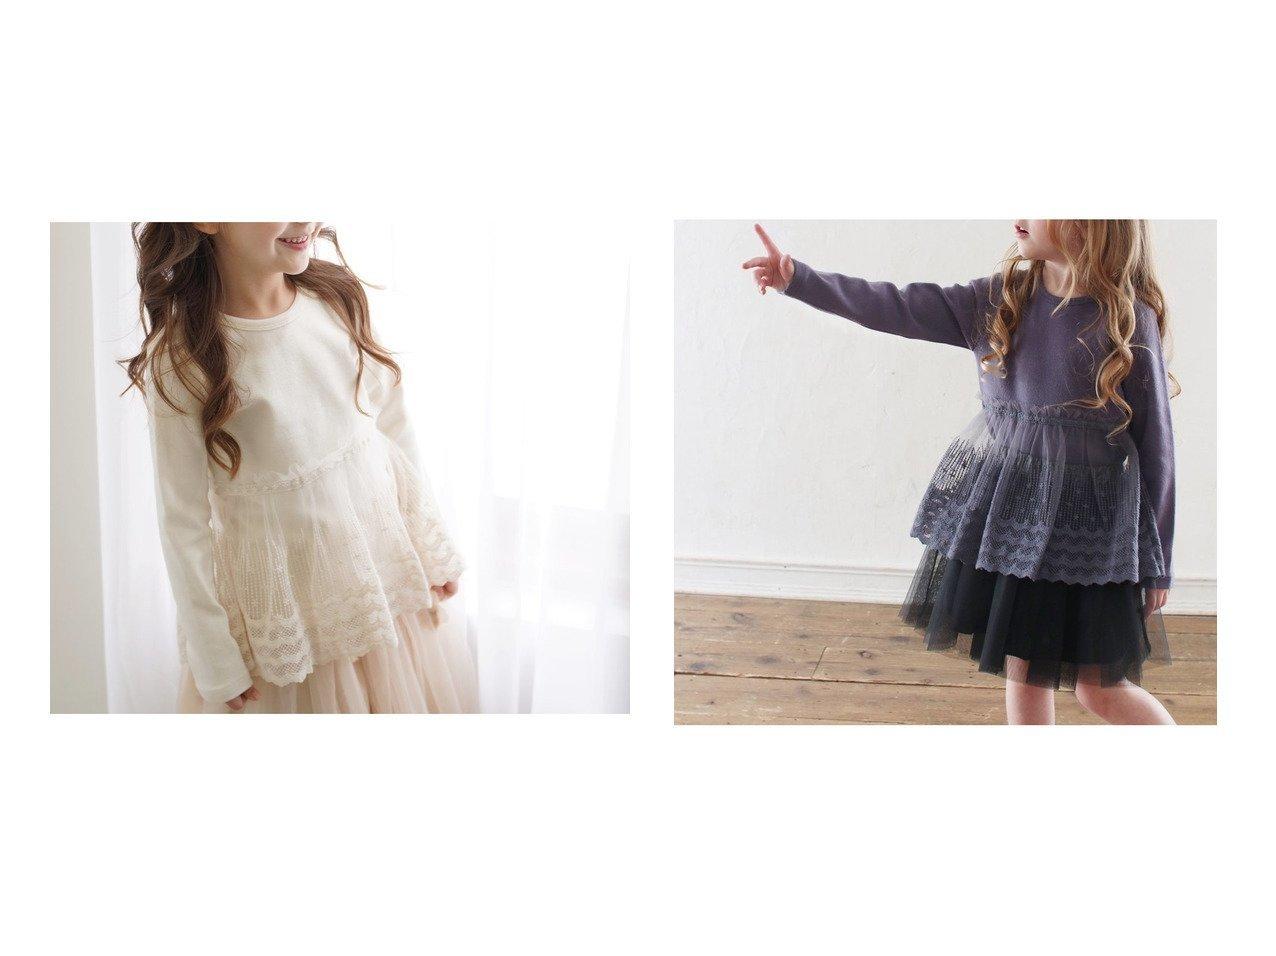 【Rora / KIDS/ローラ】のRora ハーパー ロンT KIDS】子供服のおすすめ!人気トレンド・キッズファッションの通販 おすすめで人気の流行・トレンド、ファッションの通販商品 メンズファッション・キッズファッション・インテリア・家具・レディースファッション・服の通販 founy(ファニー) https://founy.com/ ファッション Fashion キッズファッション KIDS トップス Tops Tees Kids シンプル パープル レース ヴィンテージ 長袖 |ID:crp329100000018394